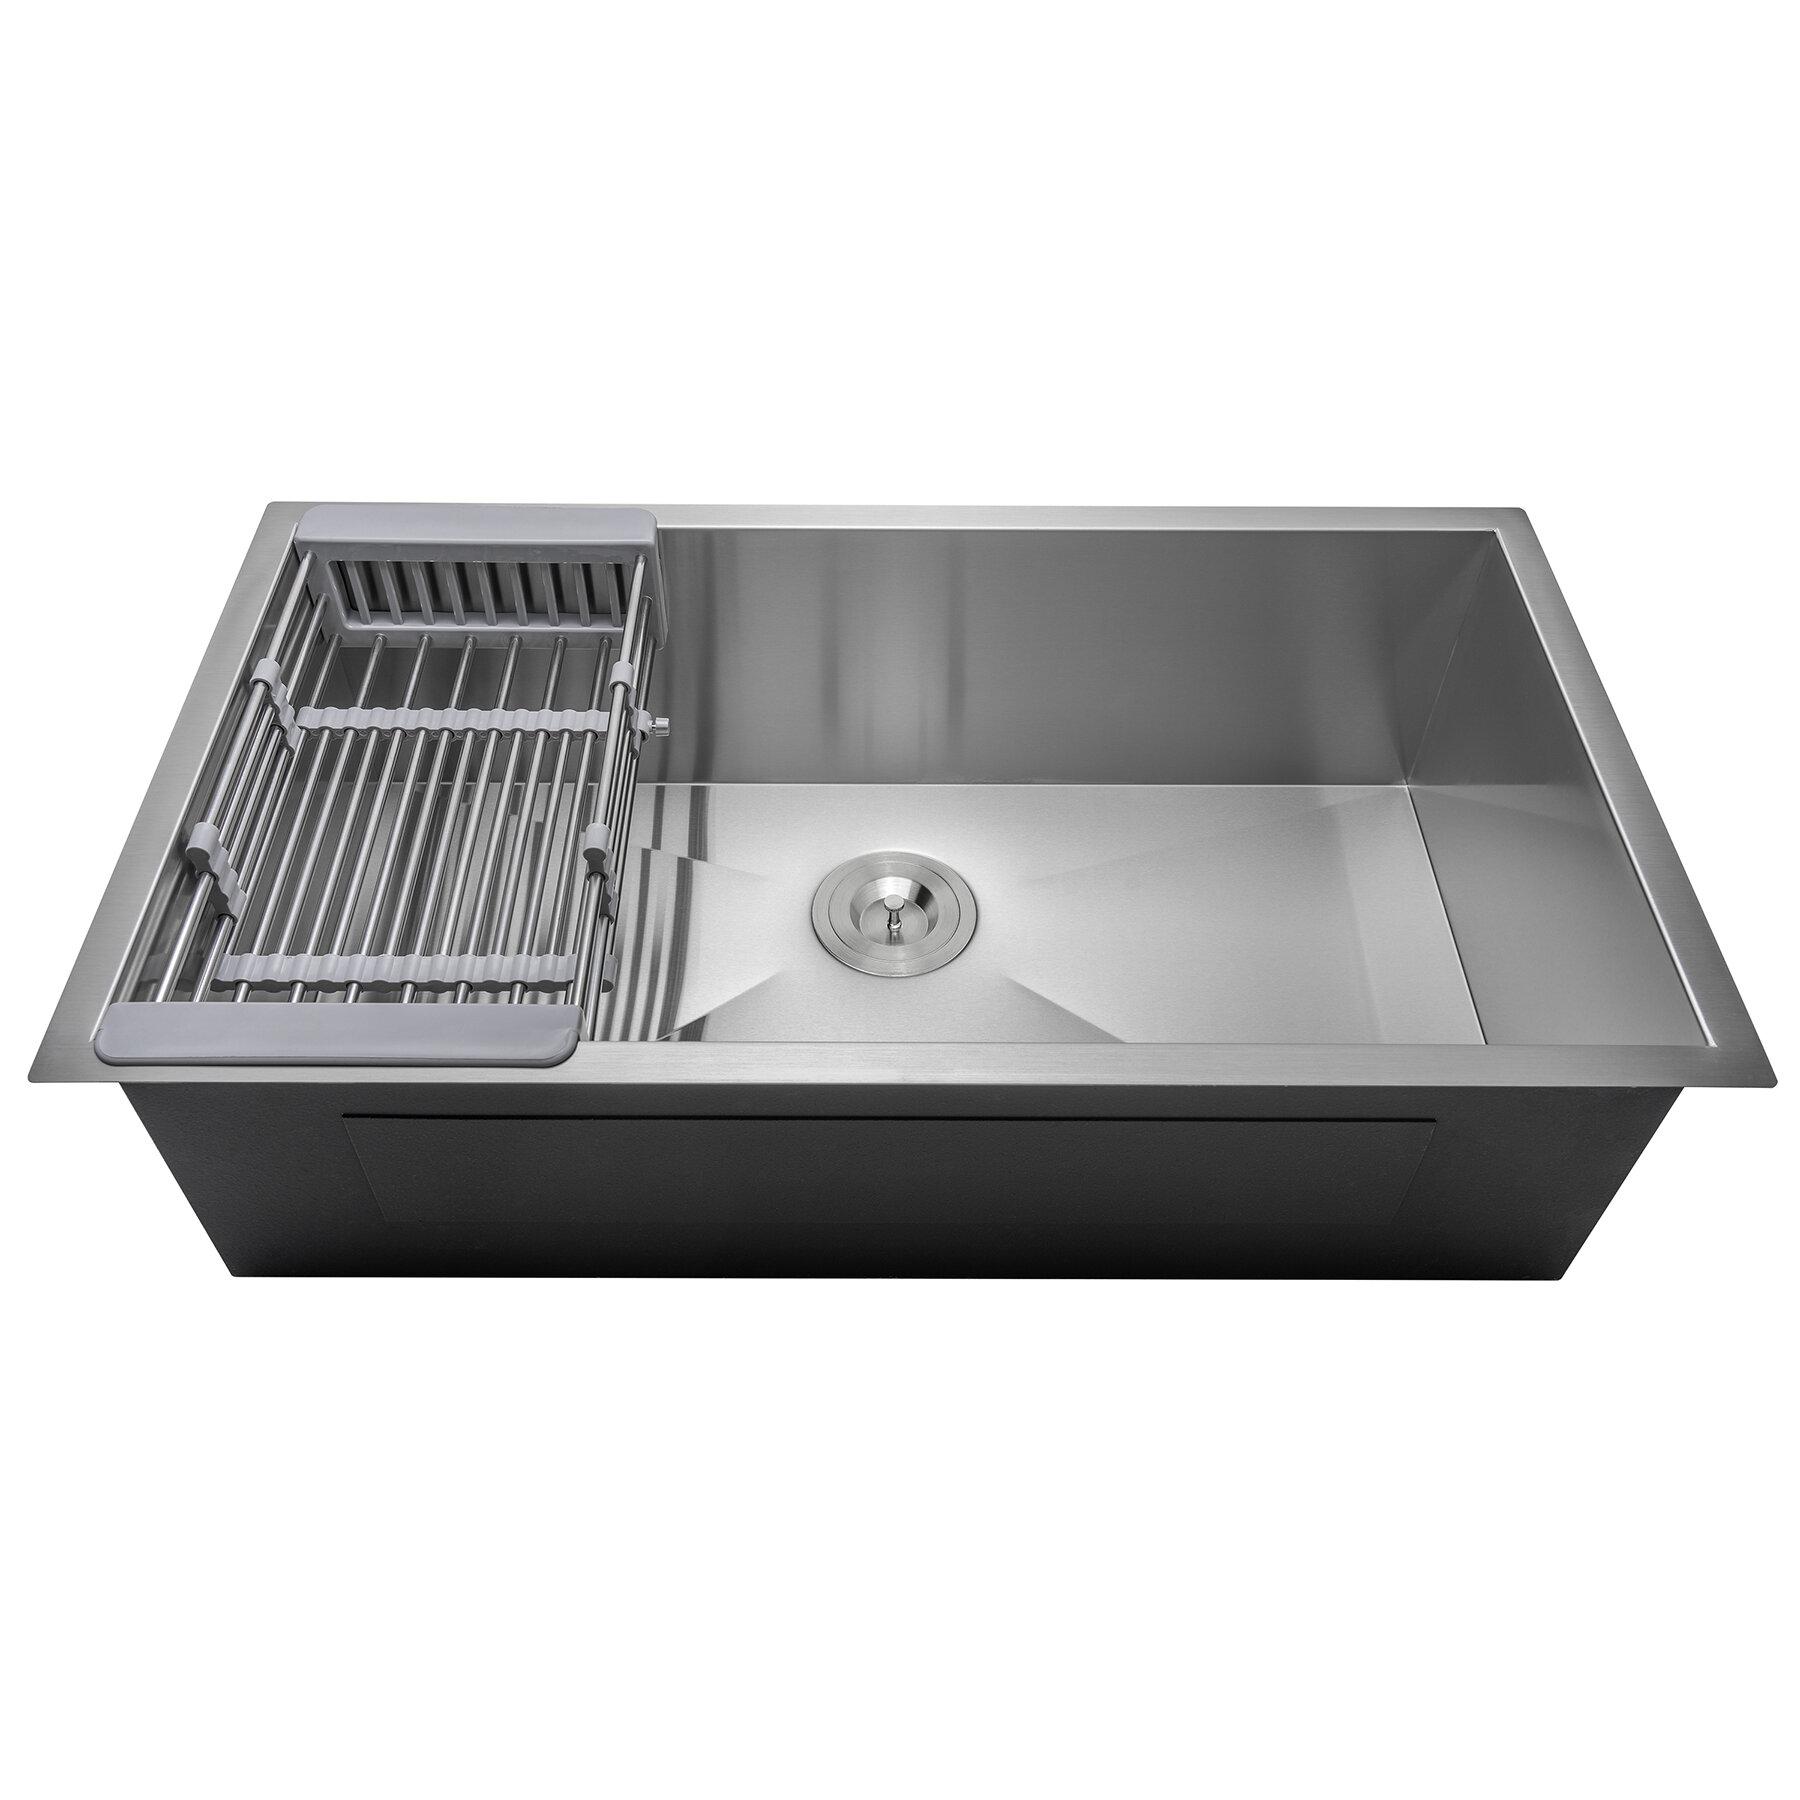 Akdy 33 X 22 Undermount Kitchen Sink